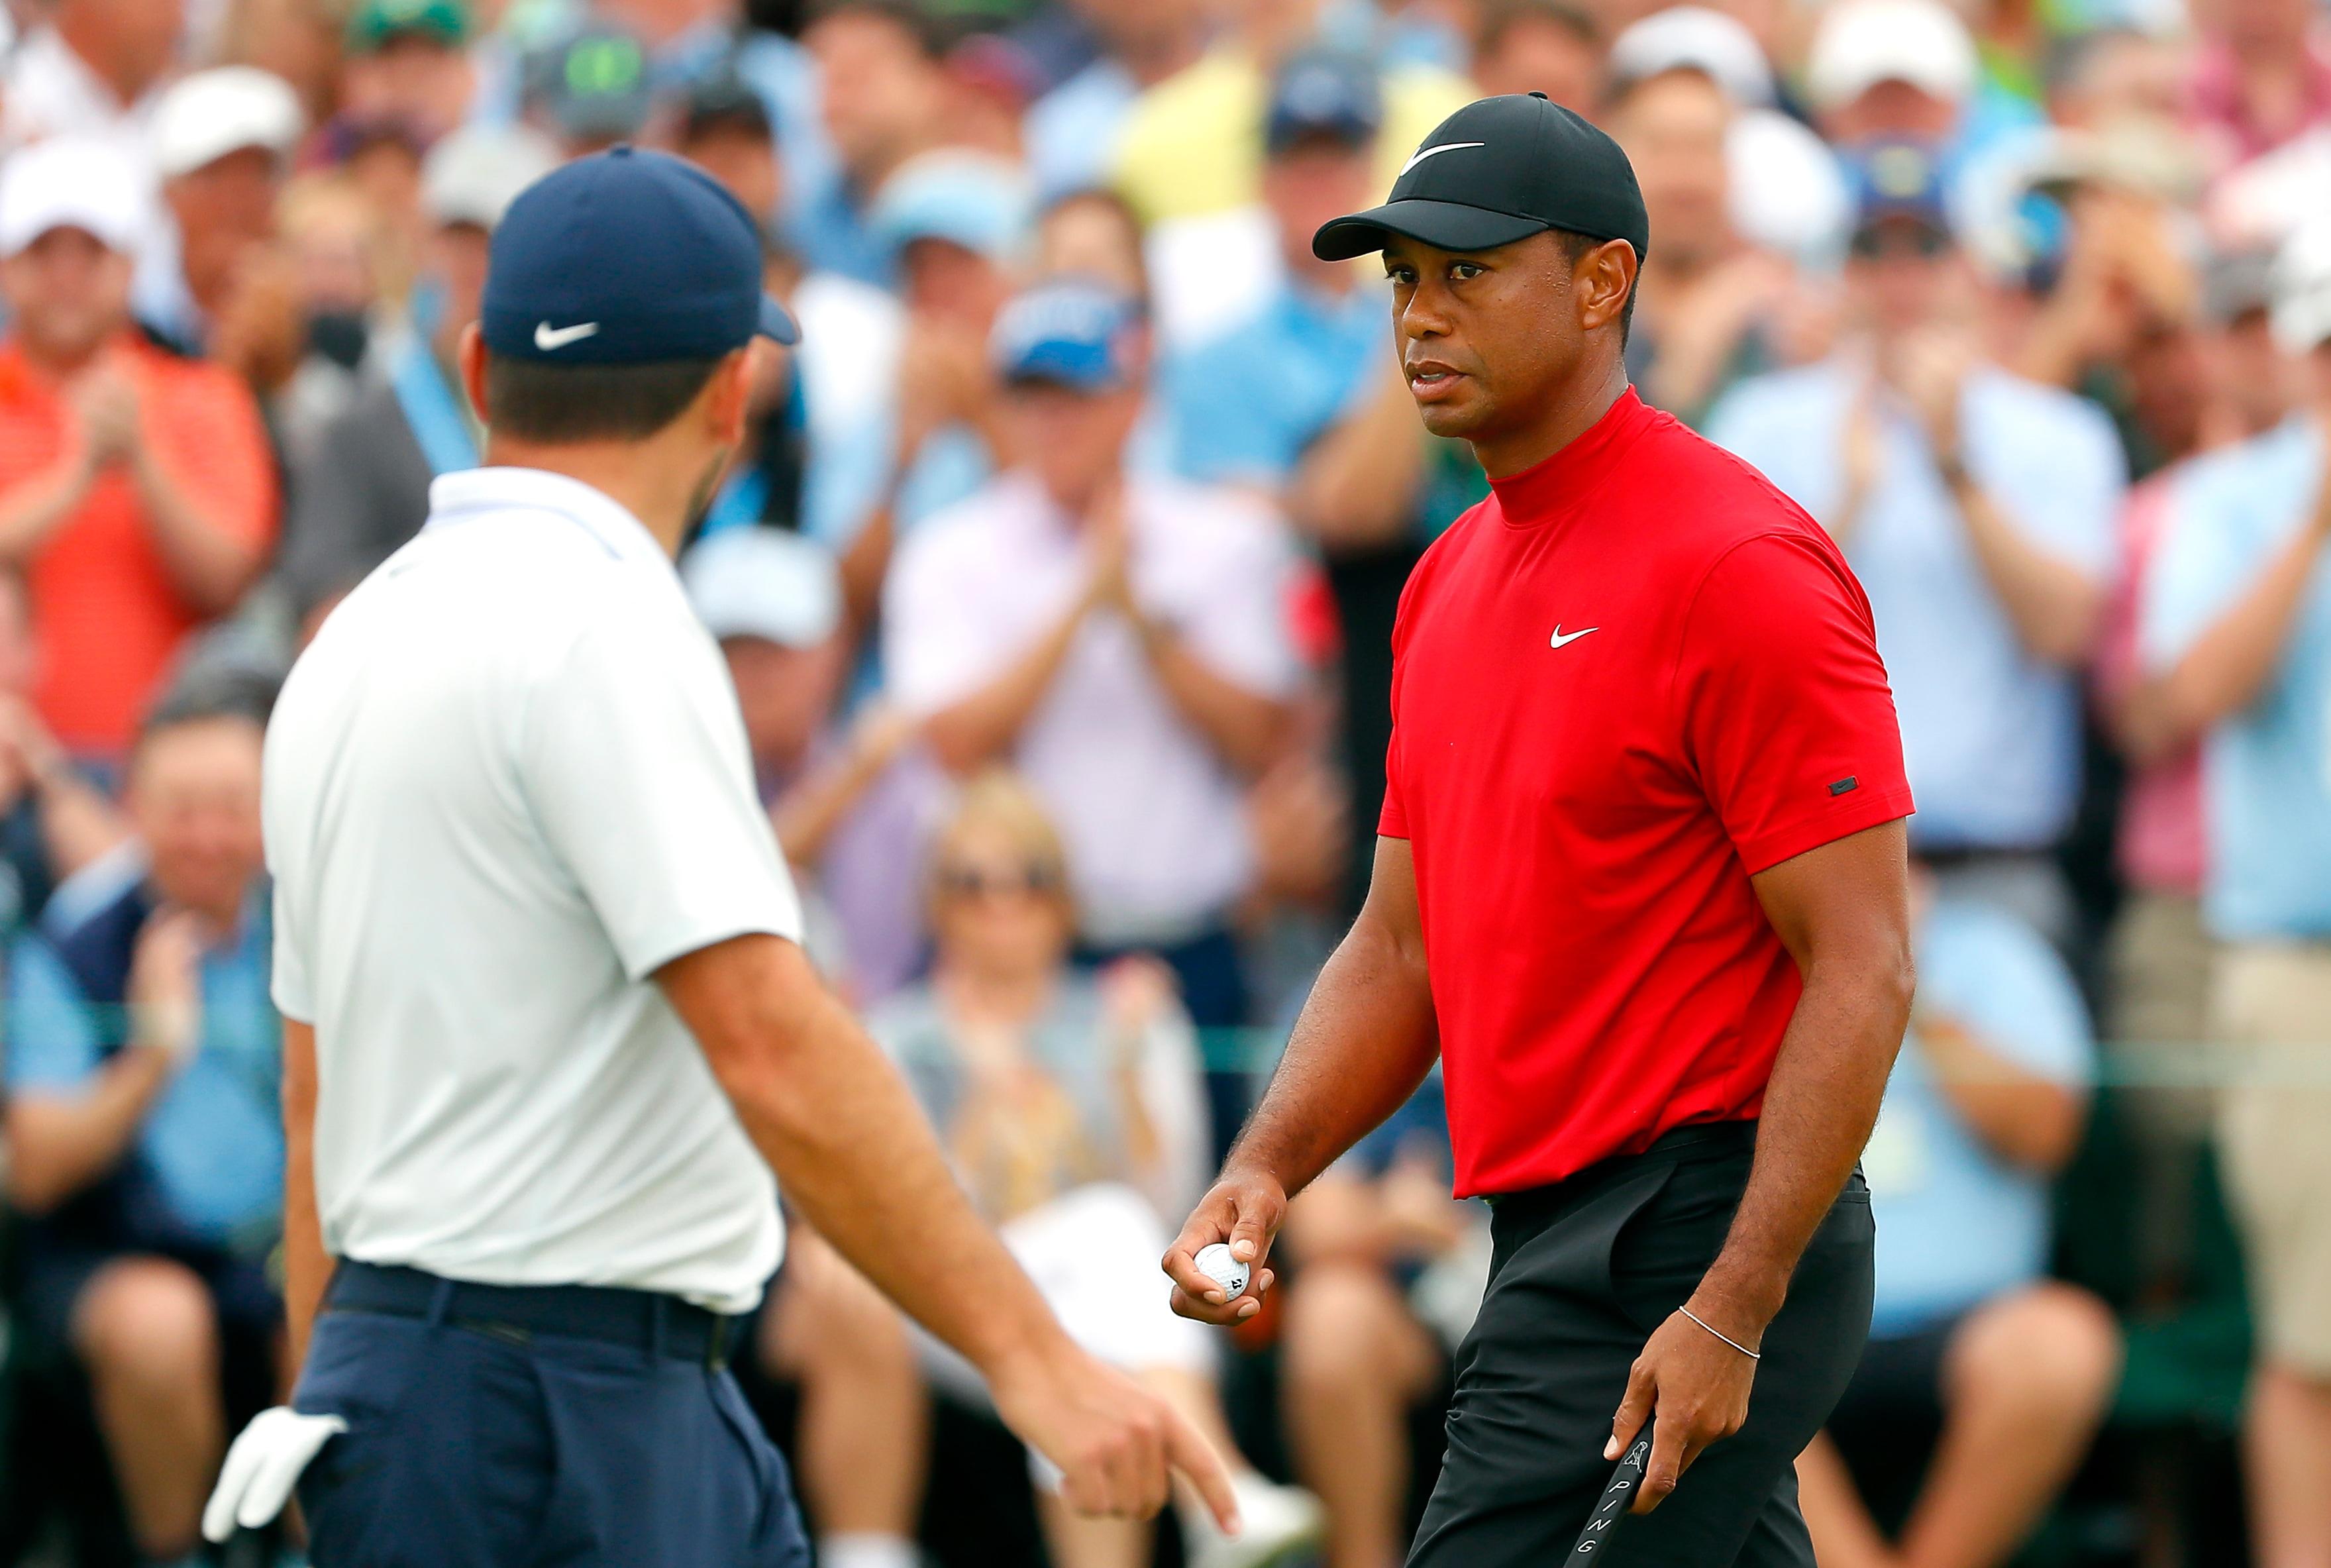 Tiger Woods and Francesco Molinari